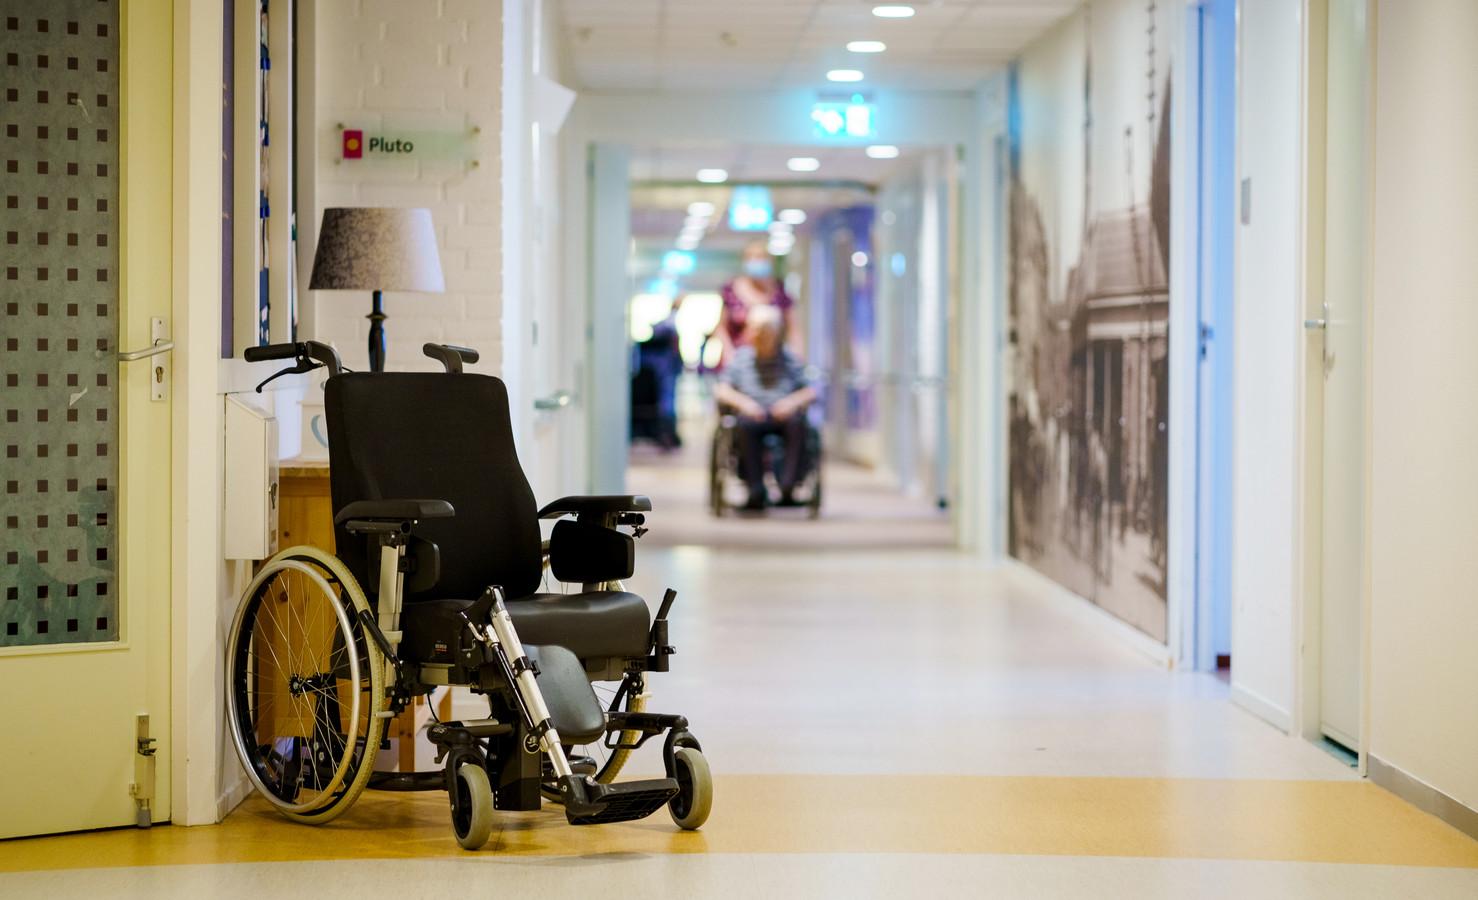 Opname in een verpleeghuis is vaak een emotionele gebeurtenis.